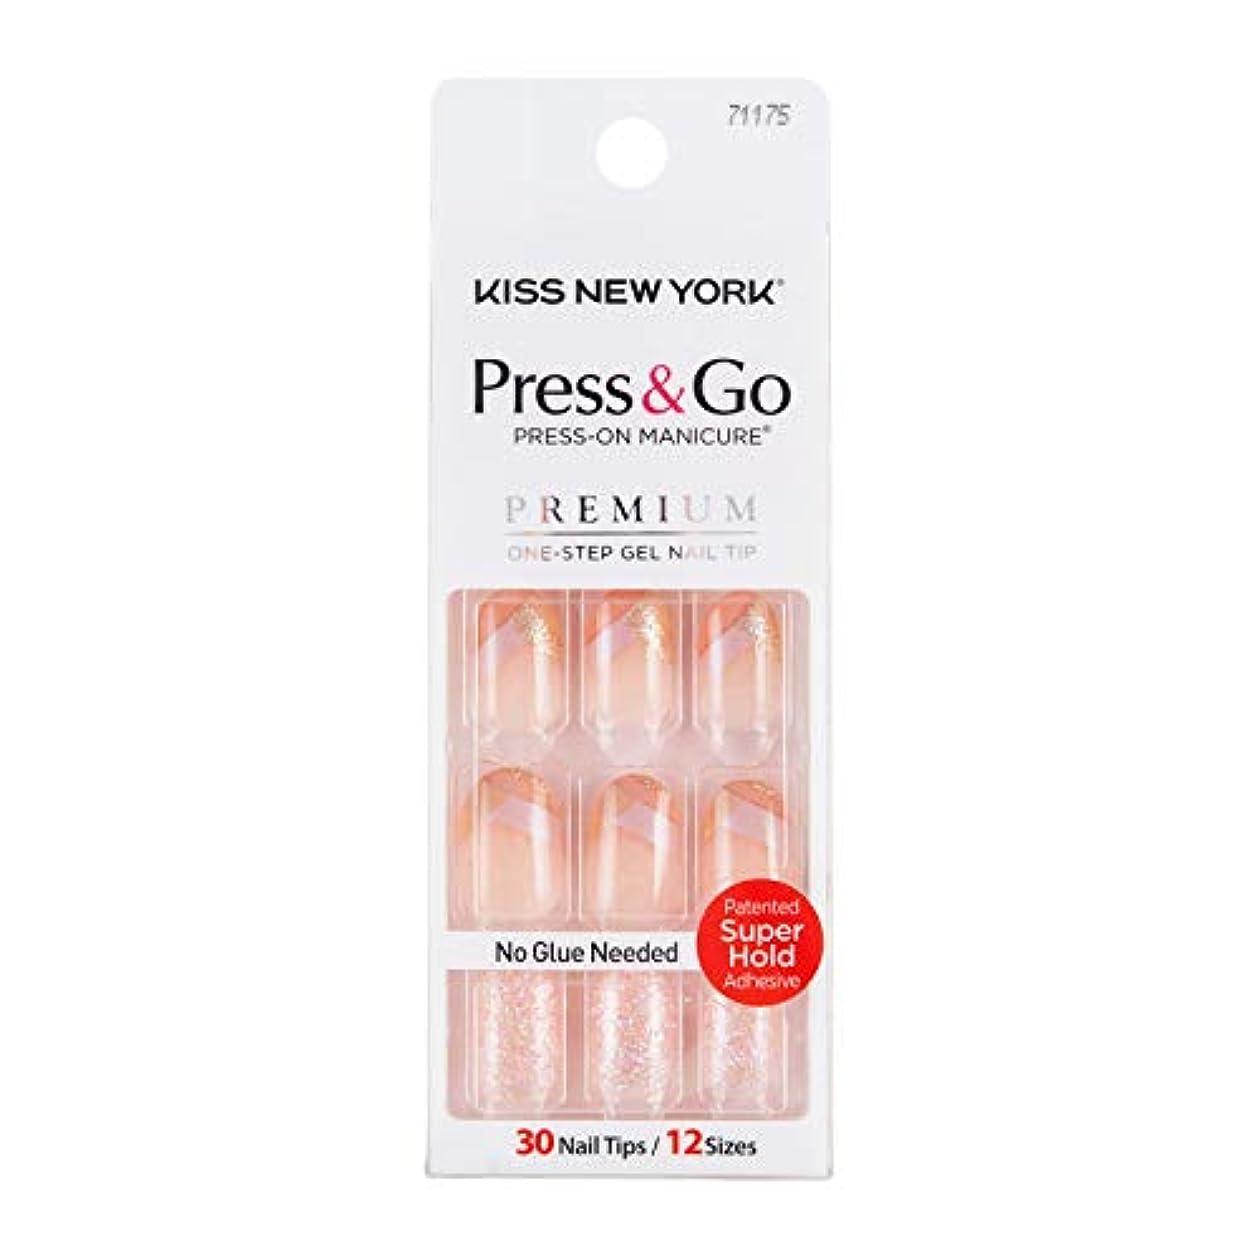 放課後肉脅迫キスニューヨーク (KISS NEW YORK) KISS NEWYORK ネイルチップPress&Go BHJ24J 19g